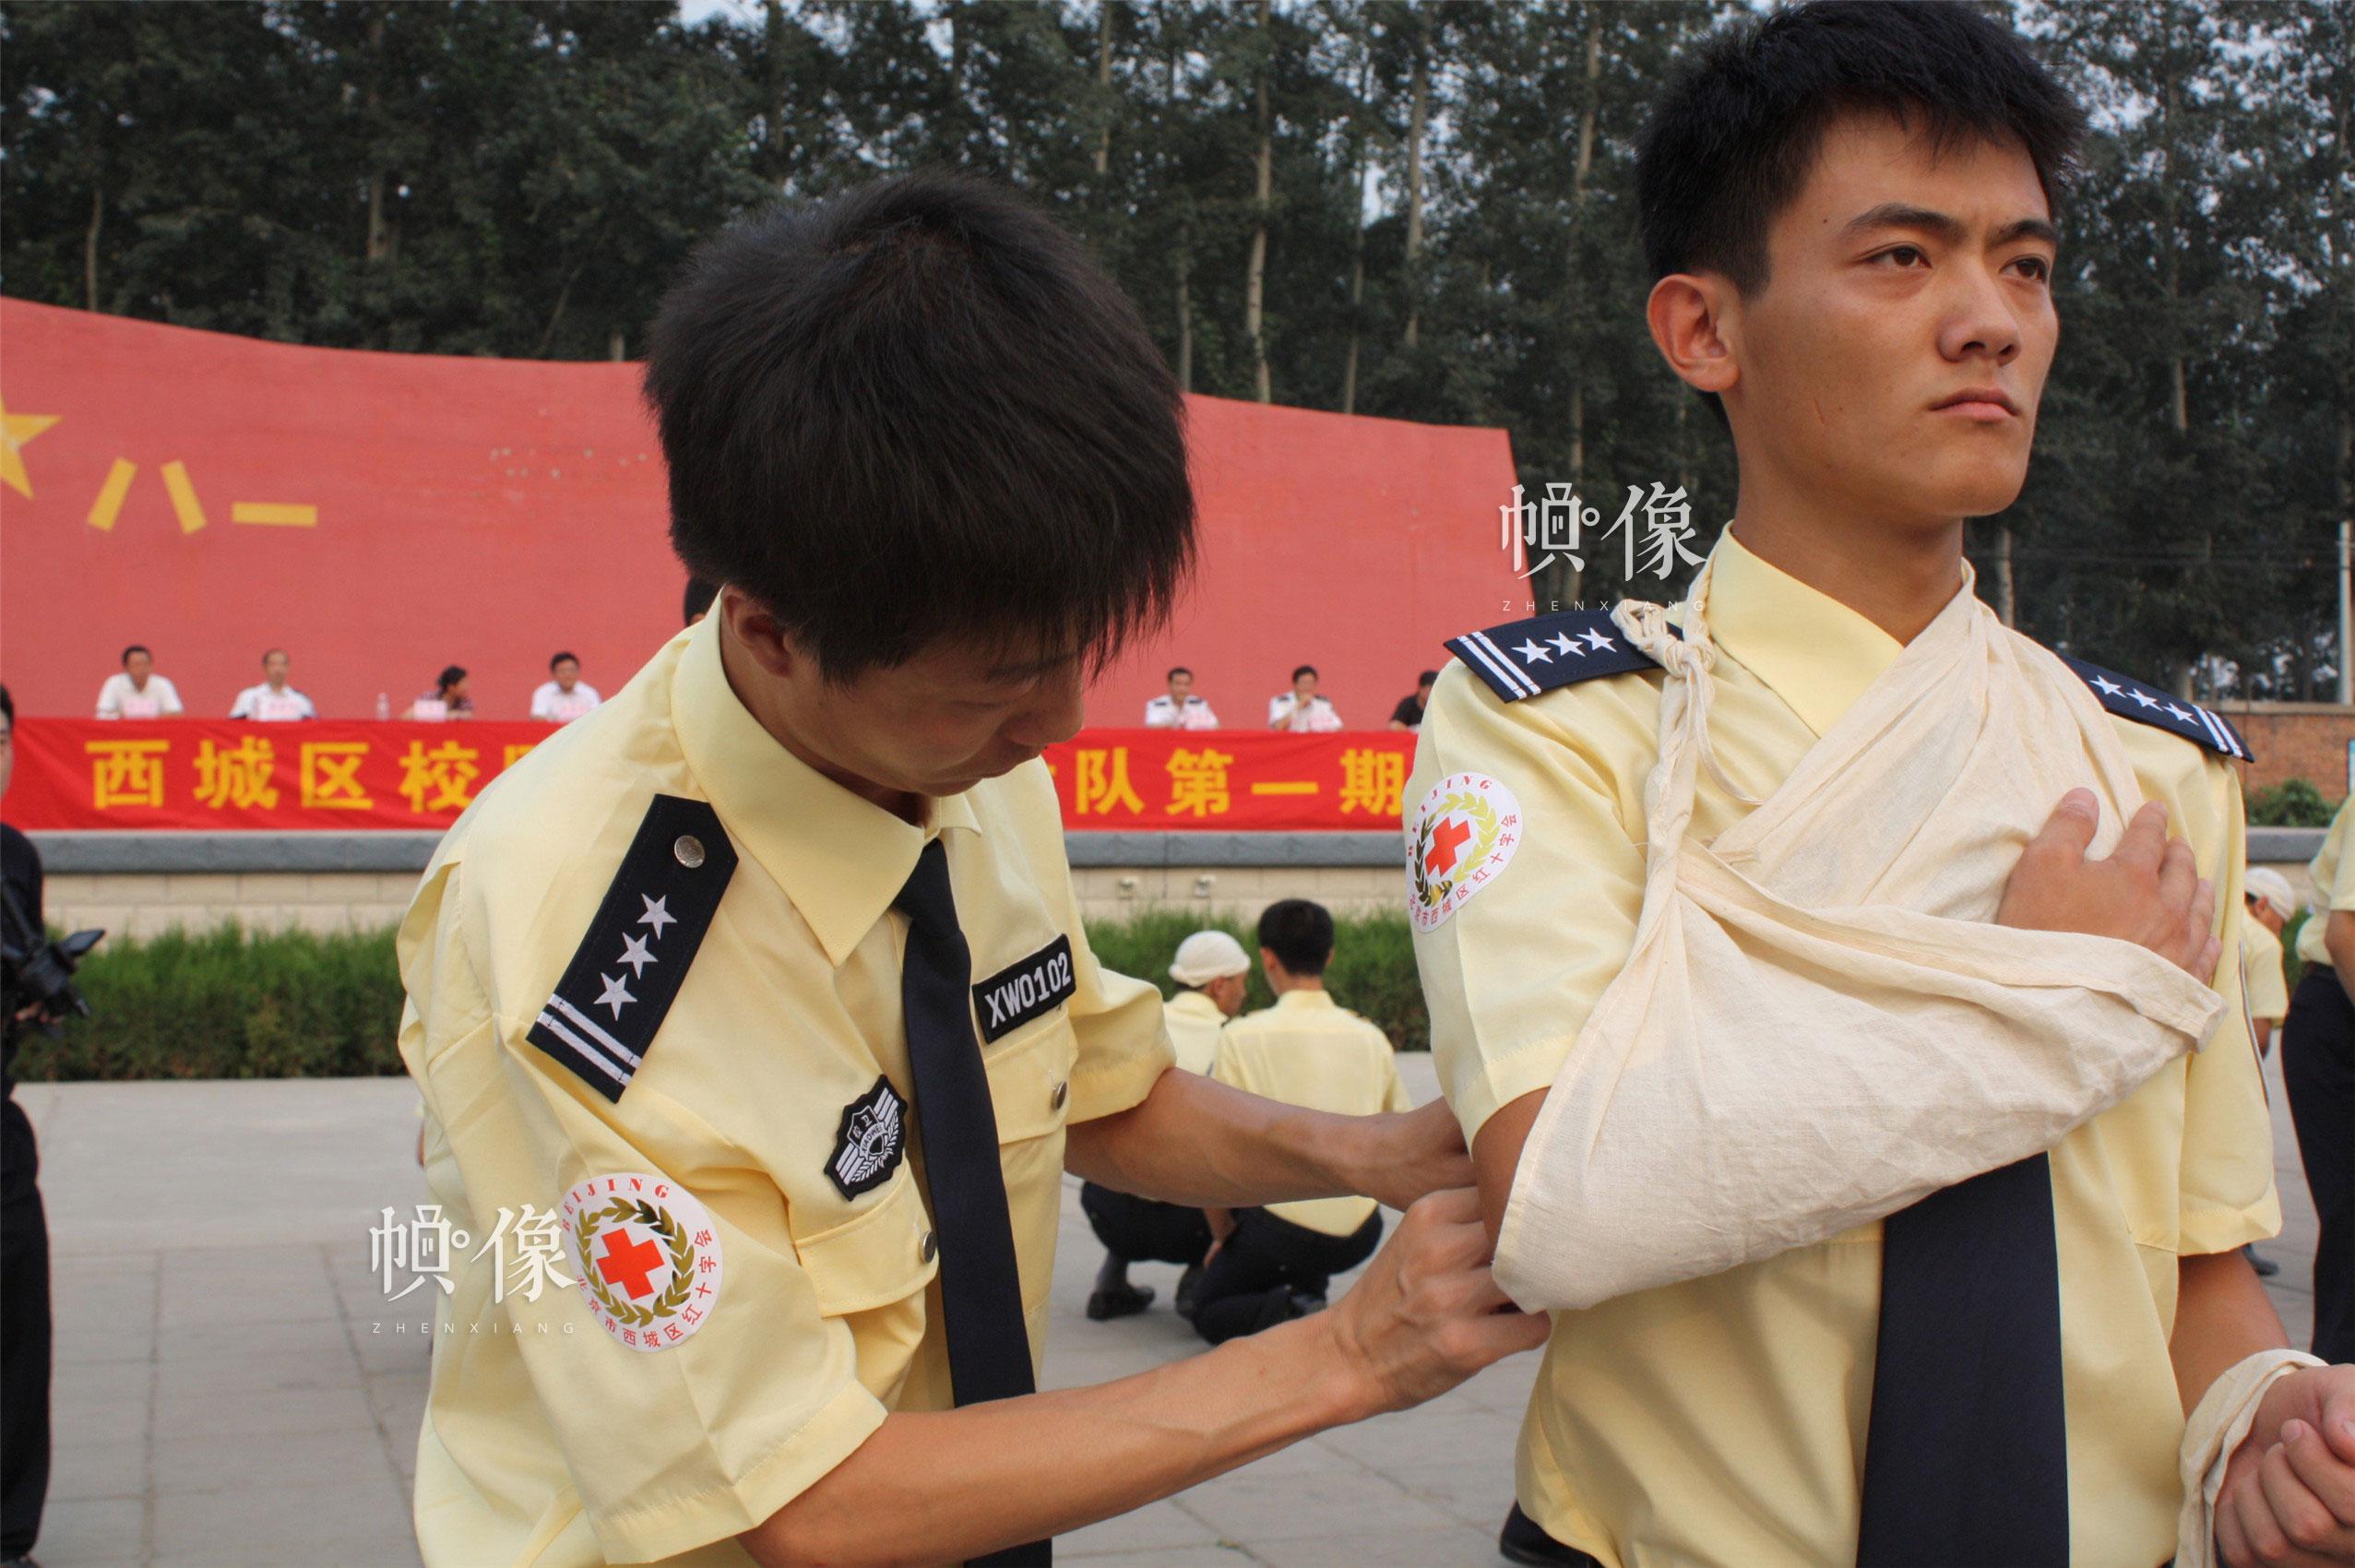 2010年8月3日,西城區紅十字會為各中小學校設立的校園護衛隊員進行應急救護培訓。(西城區紅十字會供圖)